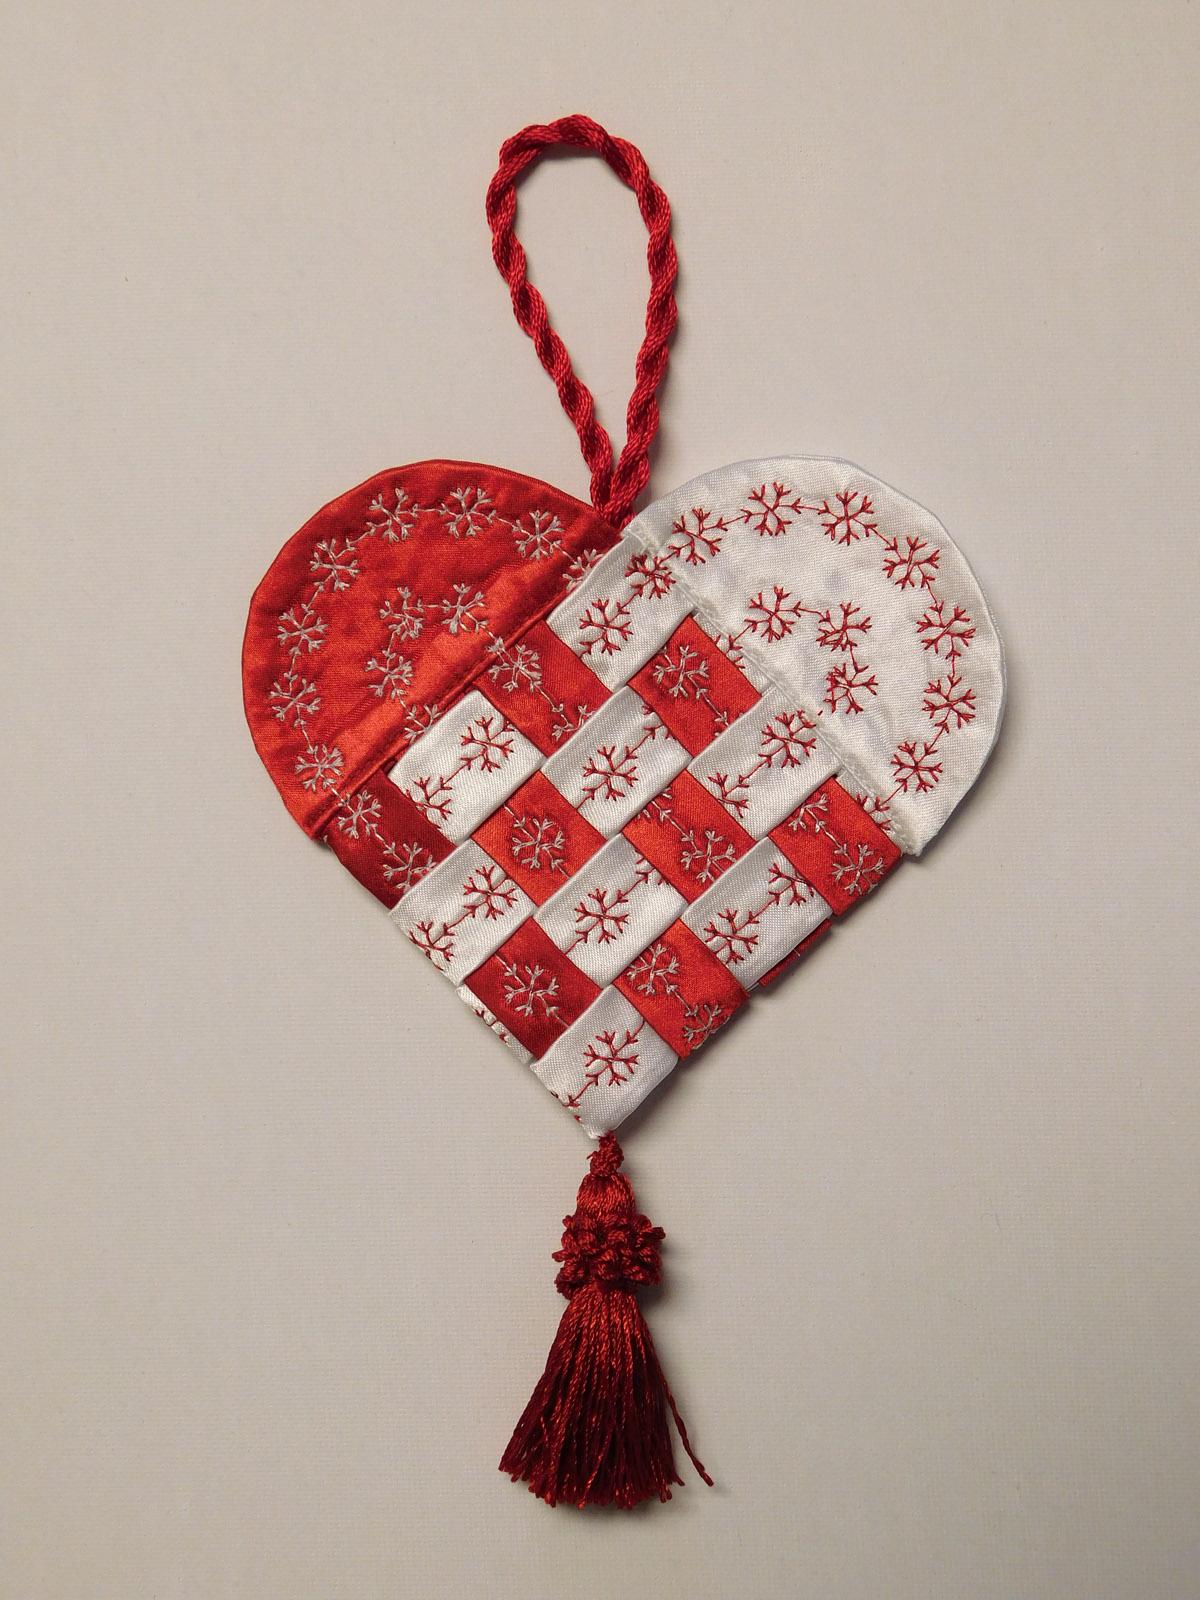 How To Make A Fabric Scandinavian Heart | WeAllSew